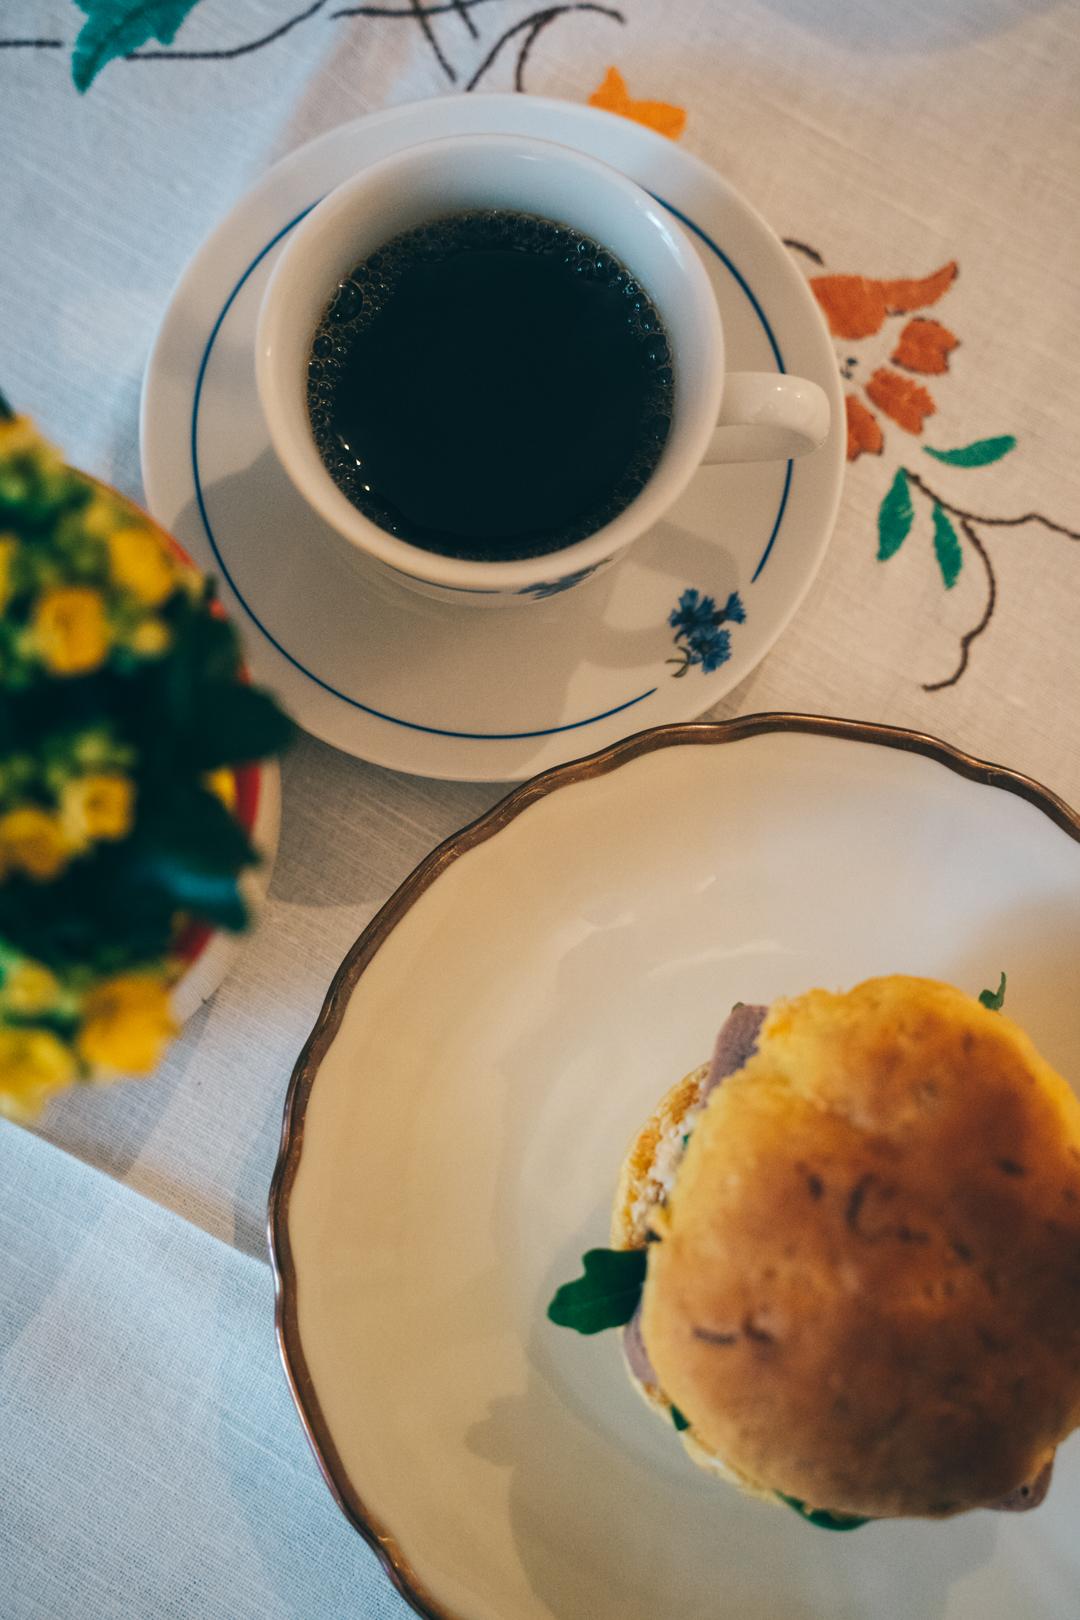 kaffe och macka